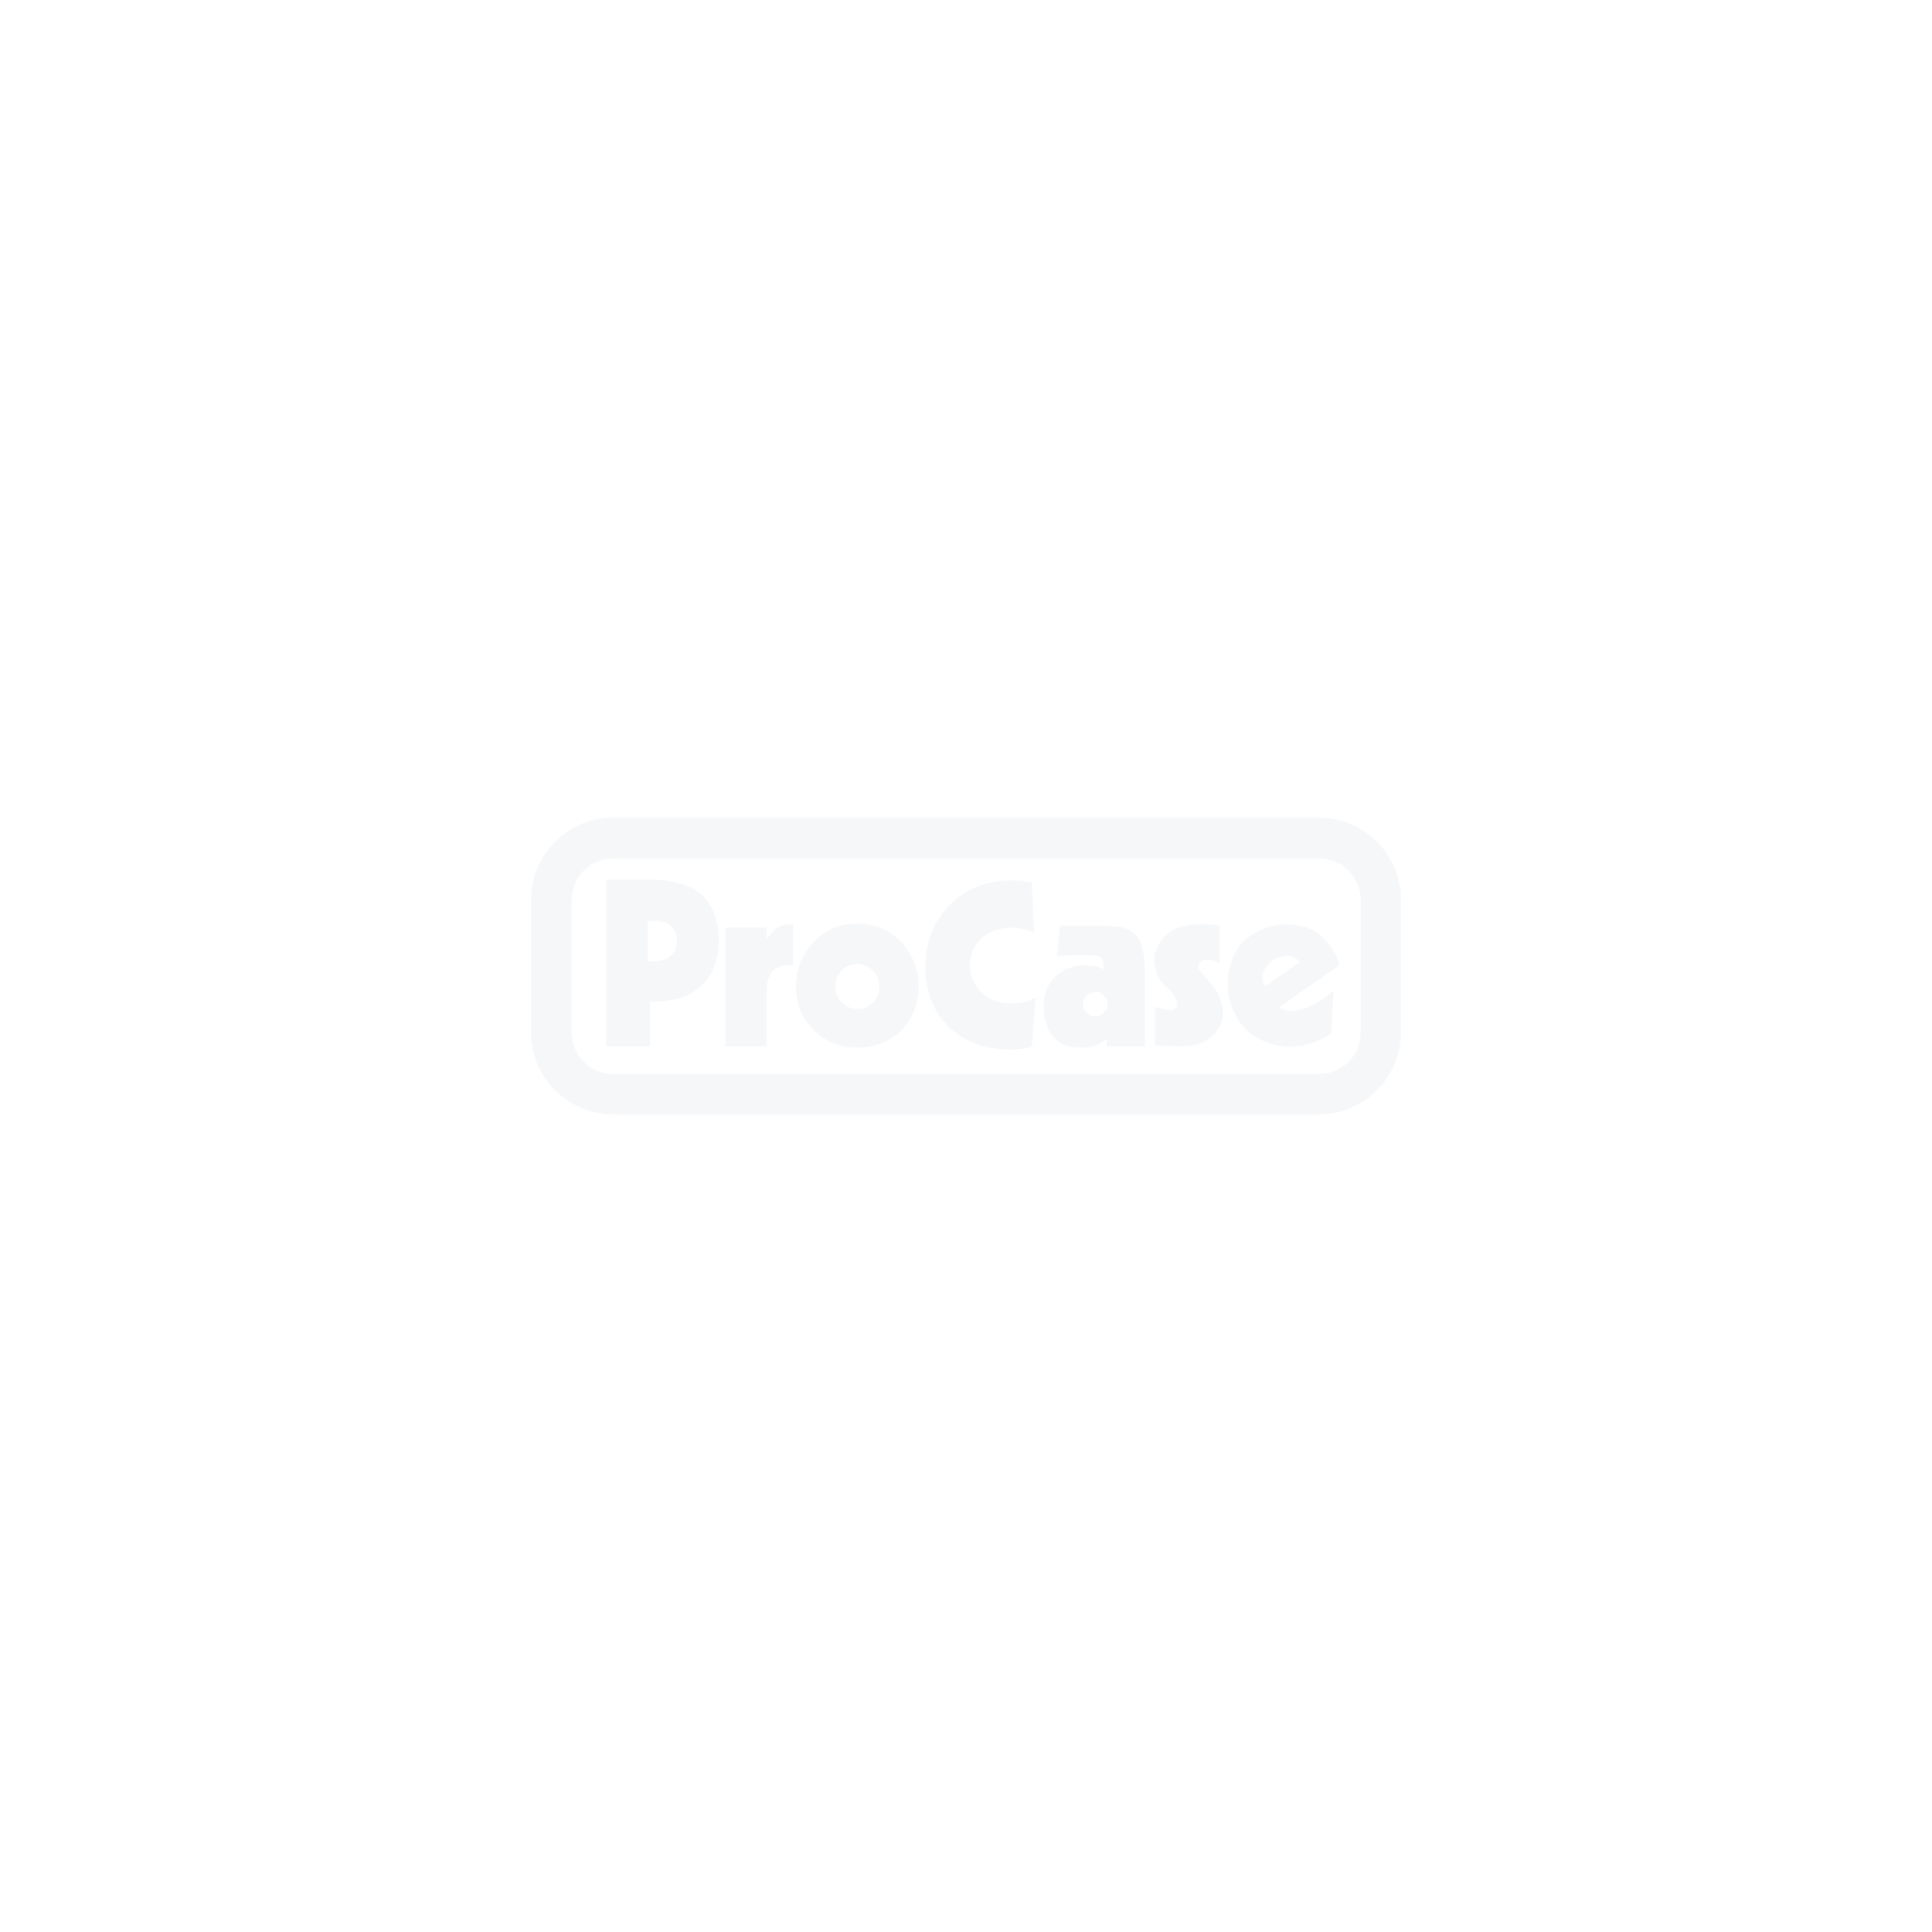 Haubencase für 4x 3HE Rackmodule 2